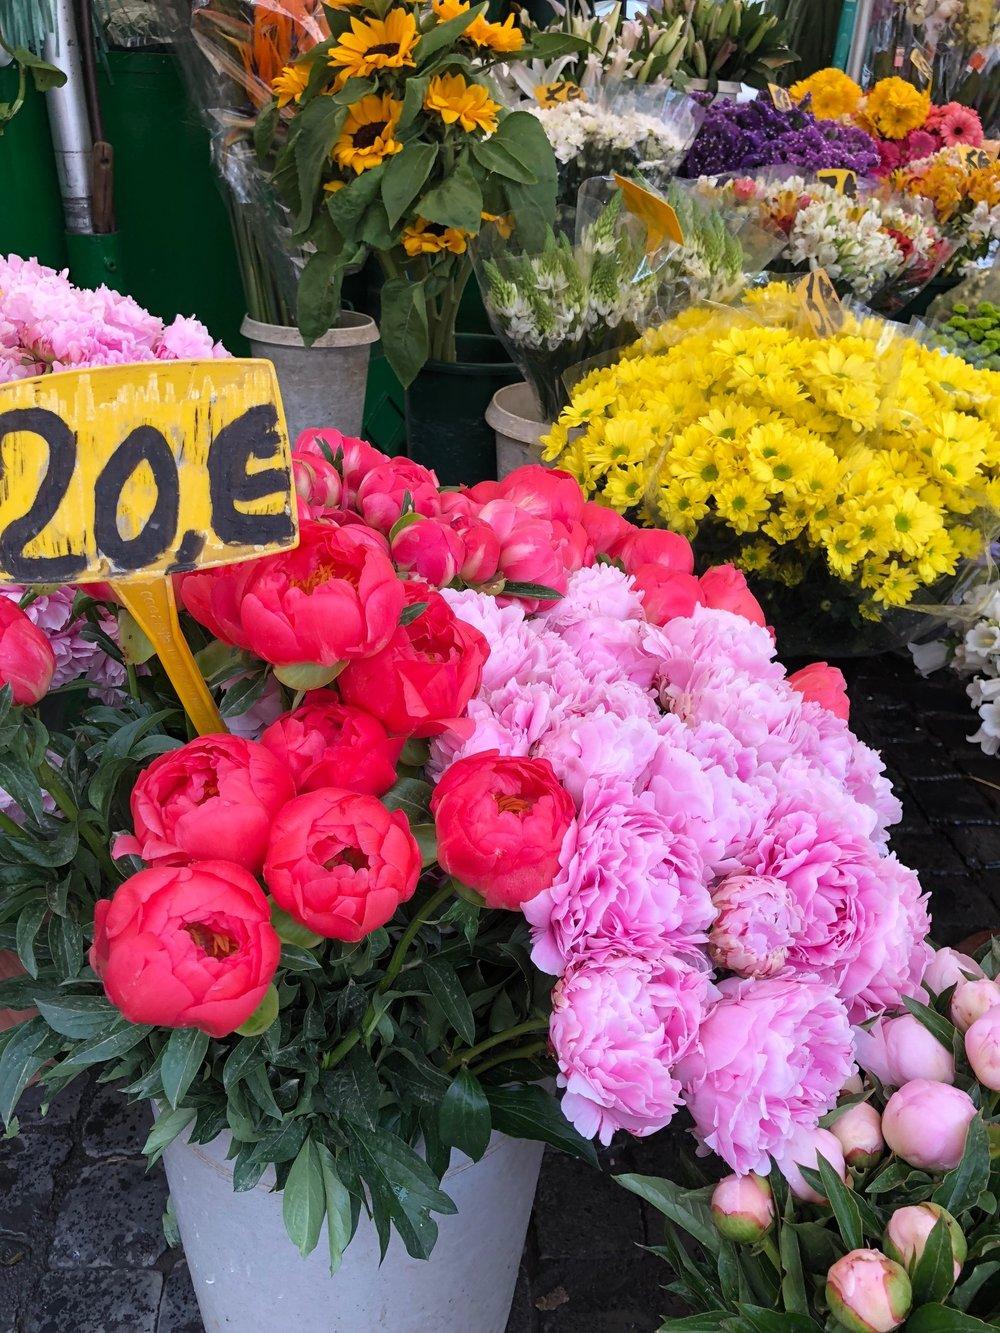 campo de fiori flower market in rome.jpg